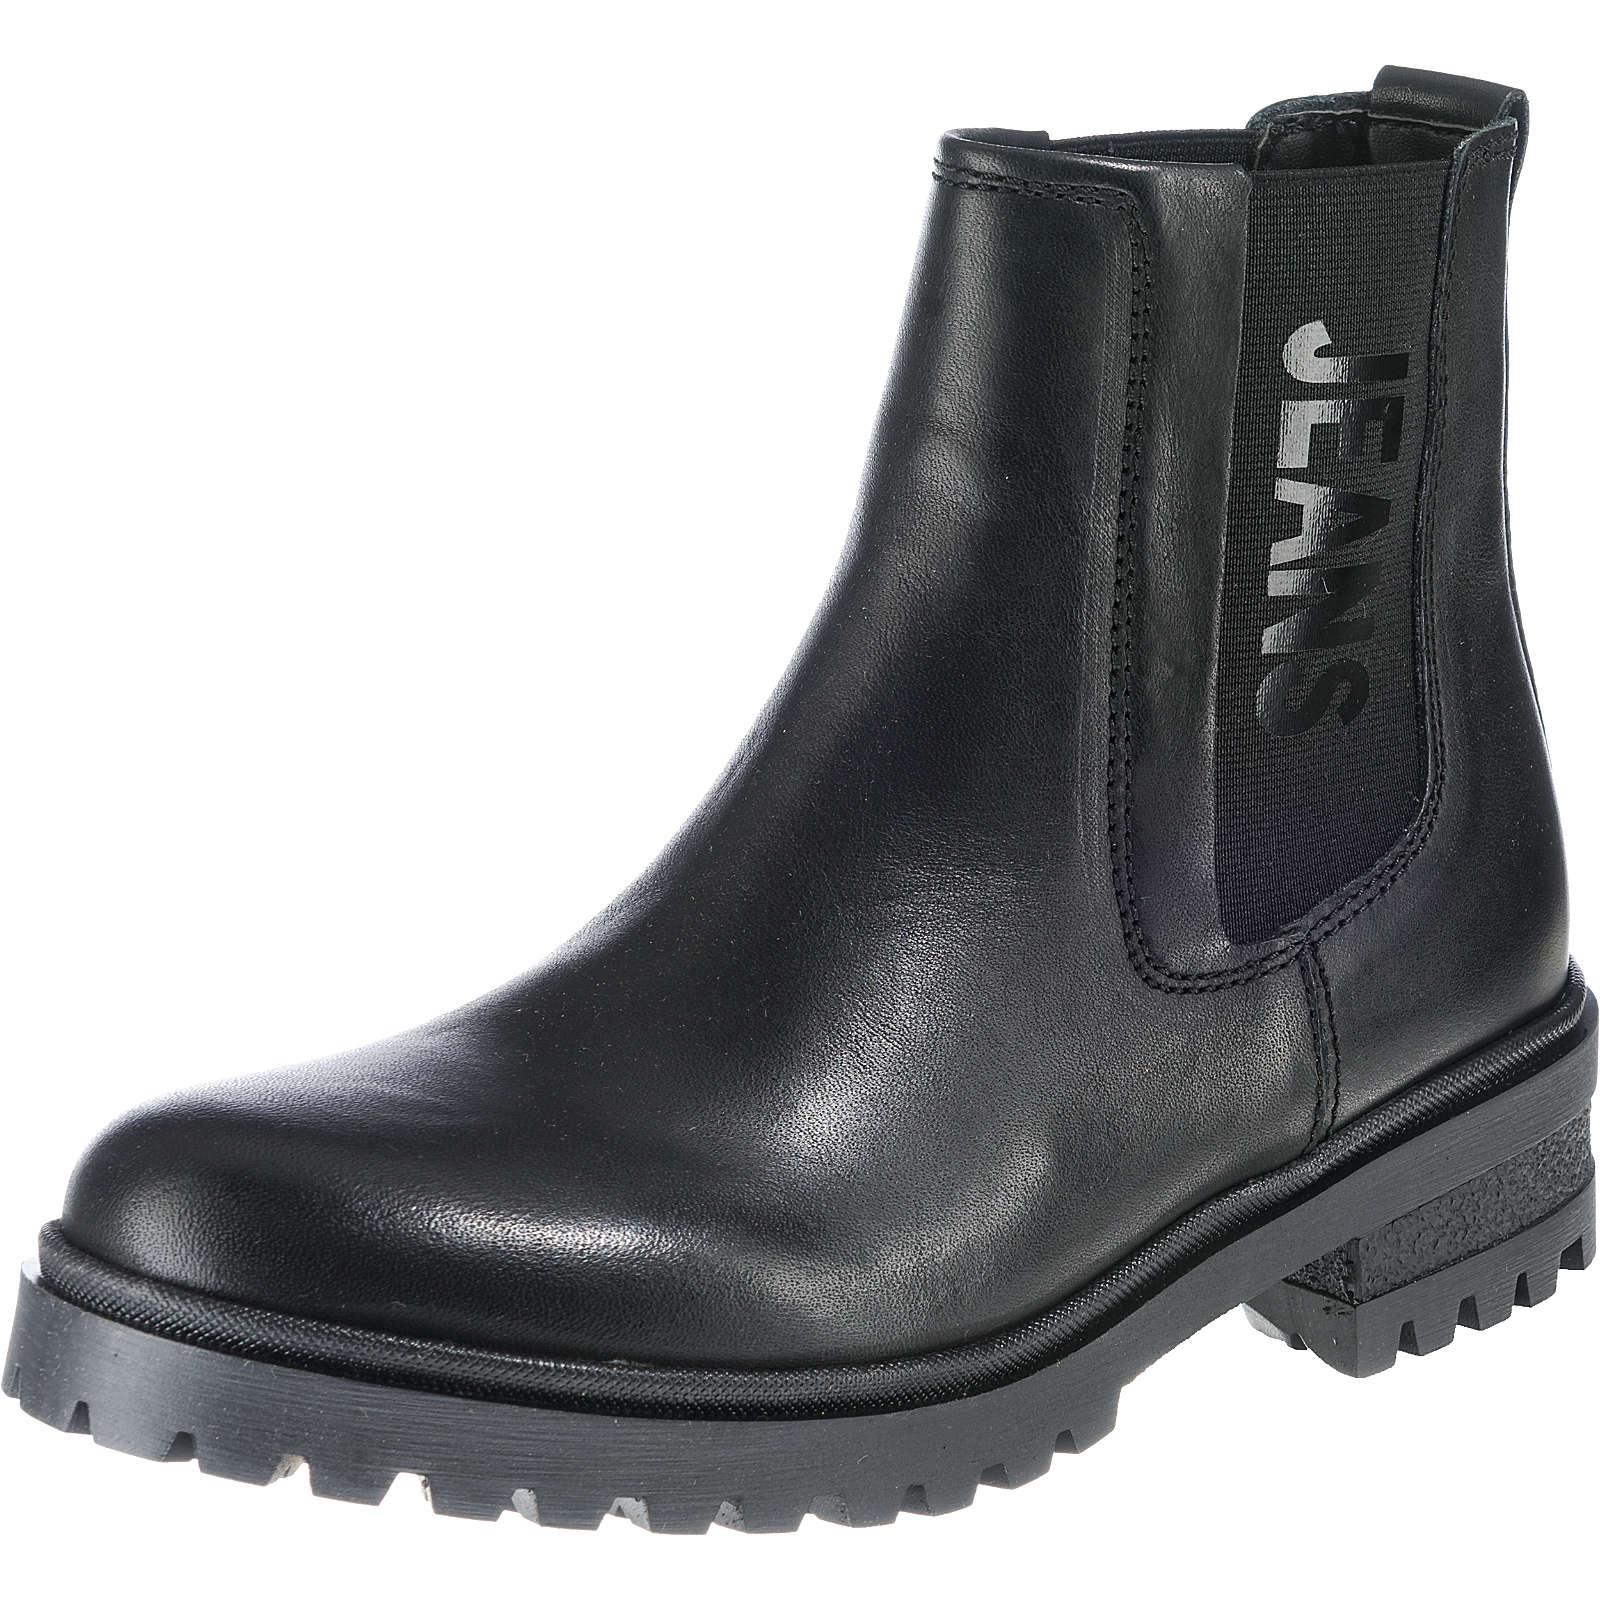 TOMMY JEANS Chelsea Boots schwarz Damen Gr. 41